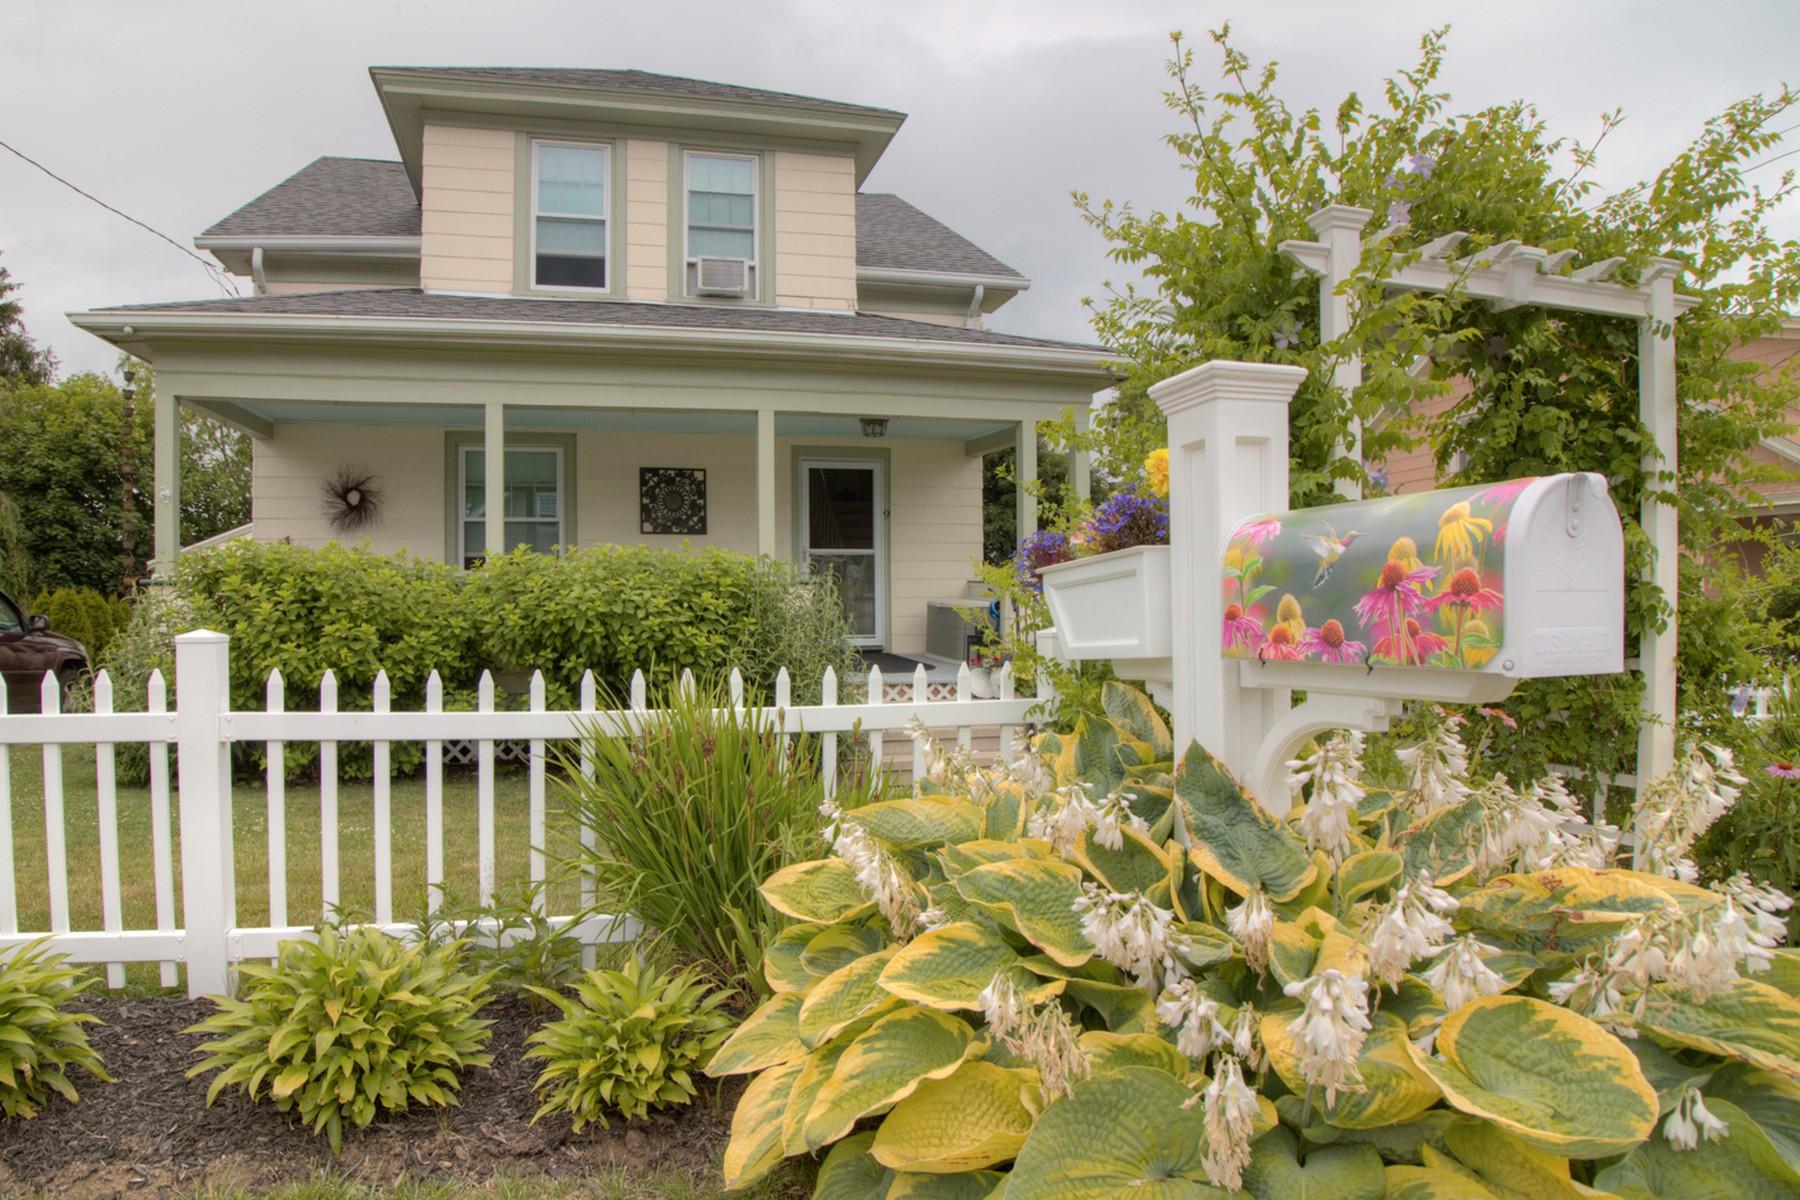 Einfamilienhaus für Verkauf beim Sweet Three Bedroom Home 9 Snowden Street Waterford, Connecticut, 06385 Vereinigte Staaten